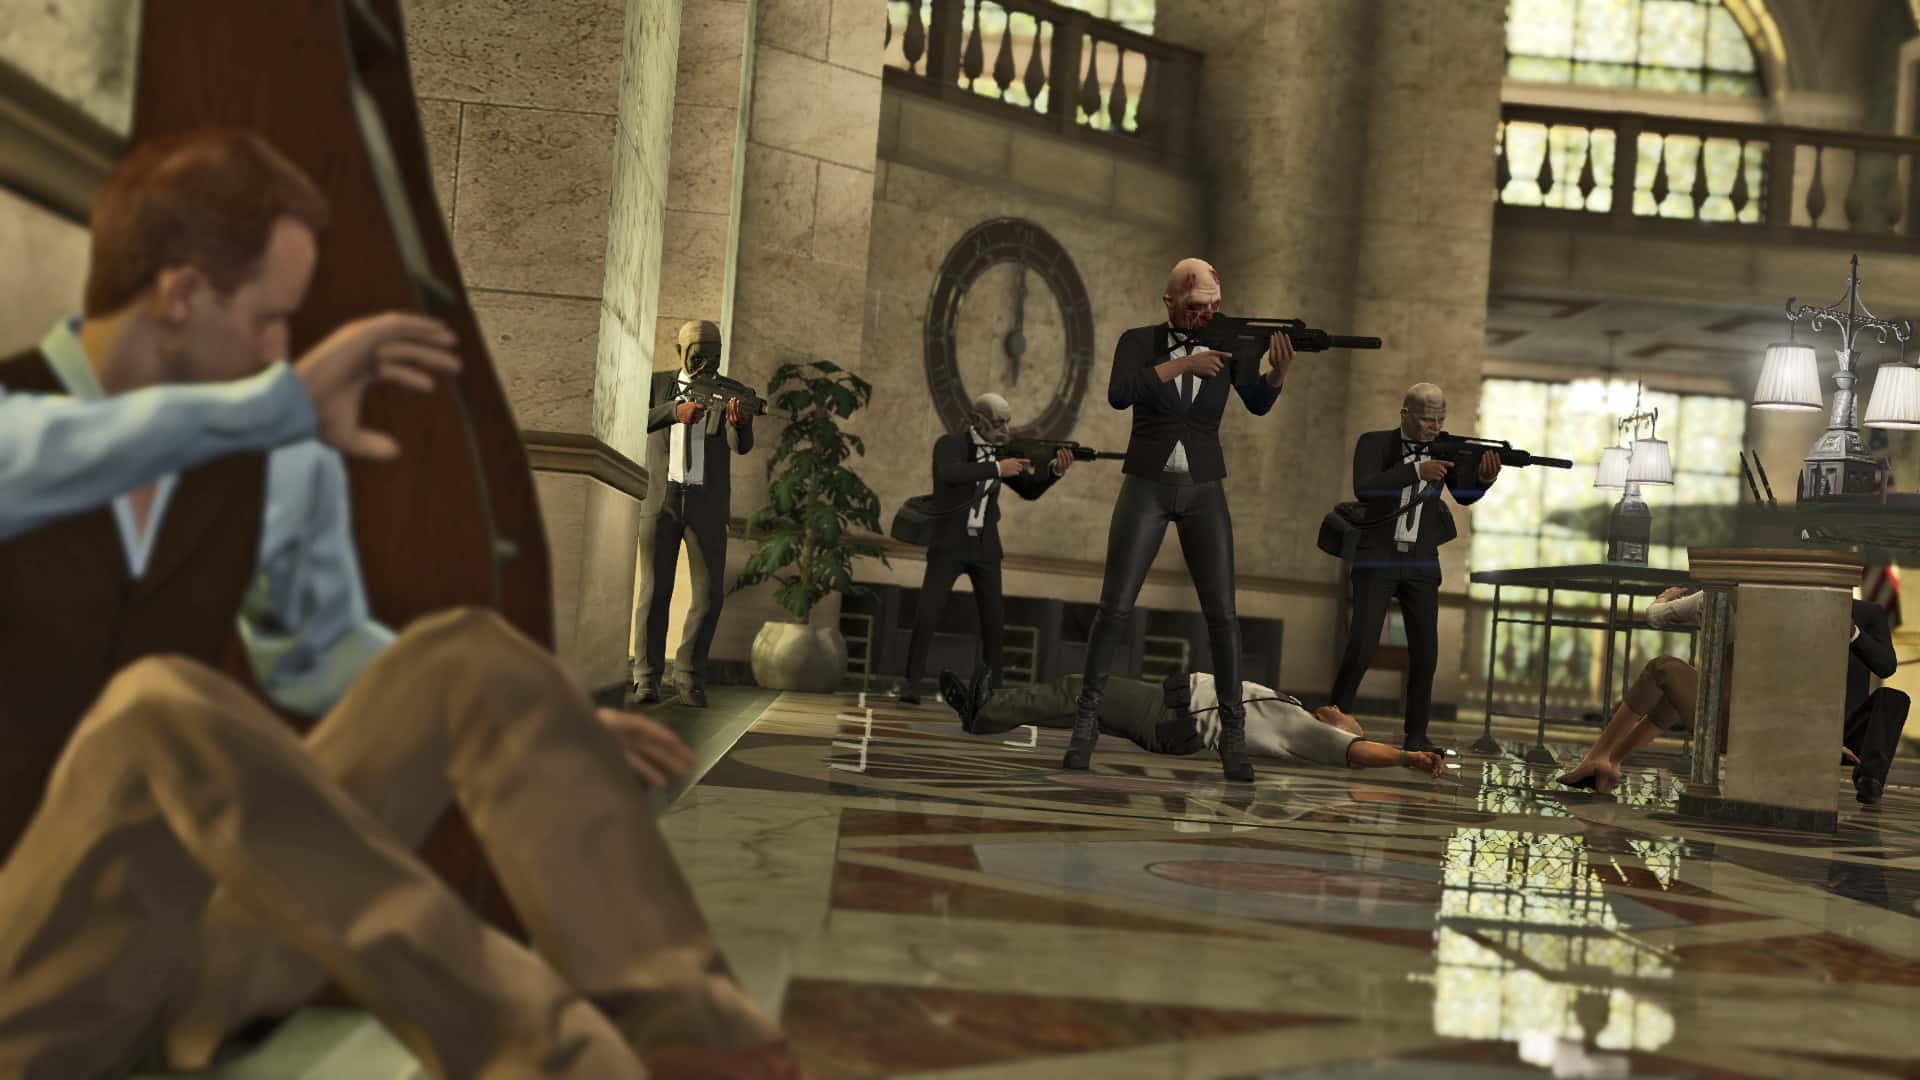 GTA-Online-heists-screenshot-18